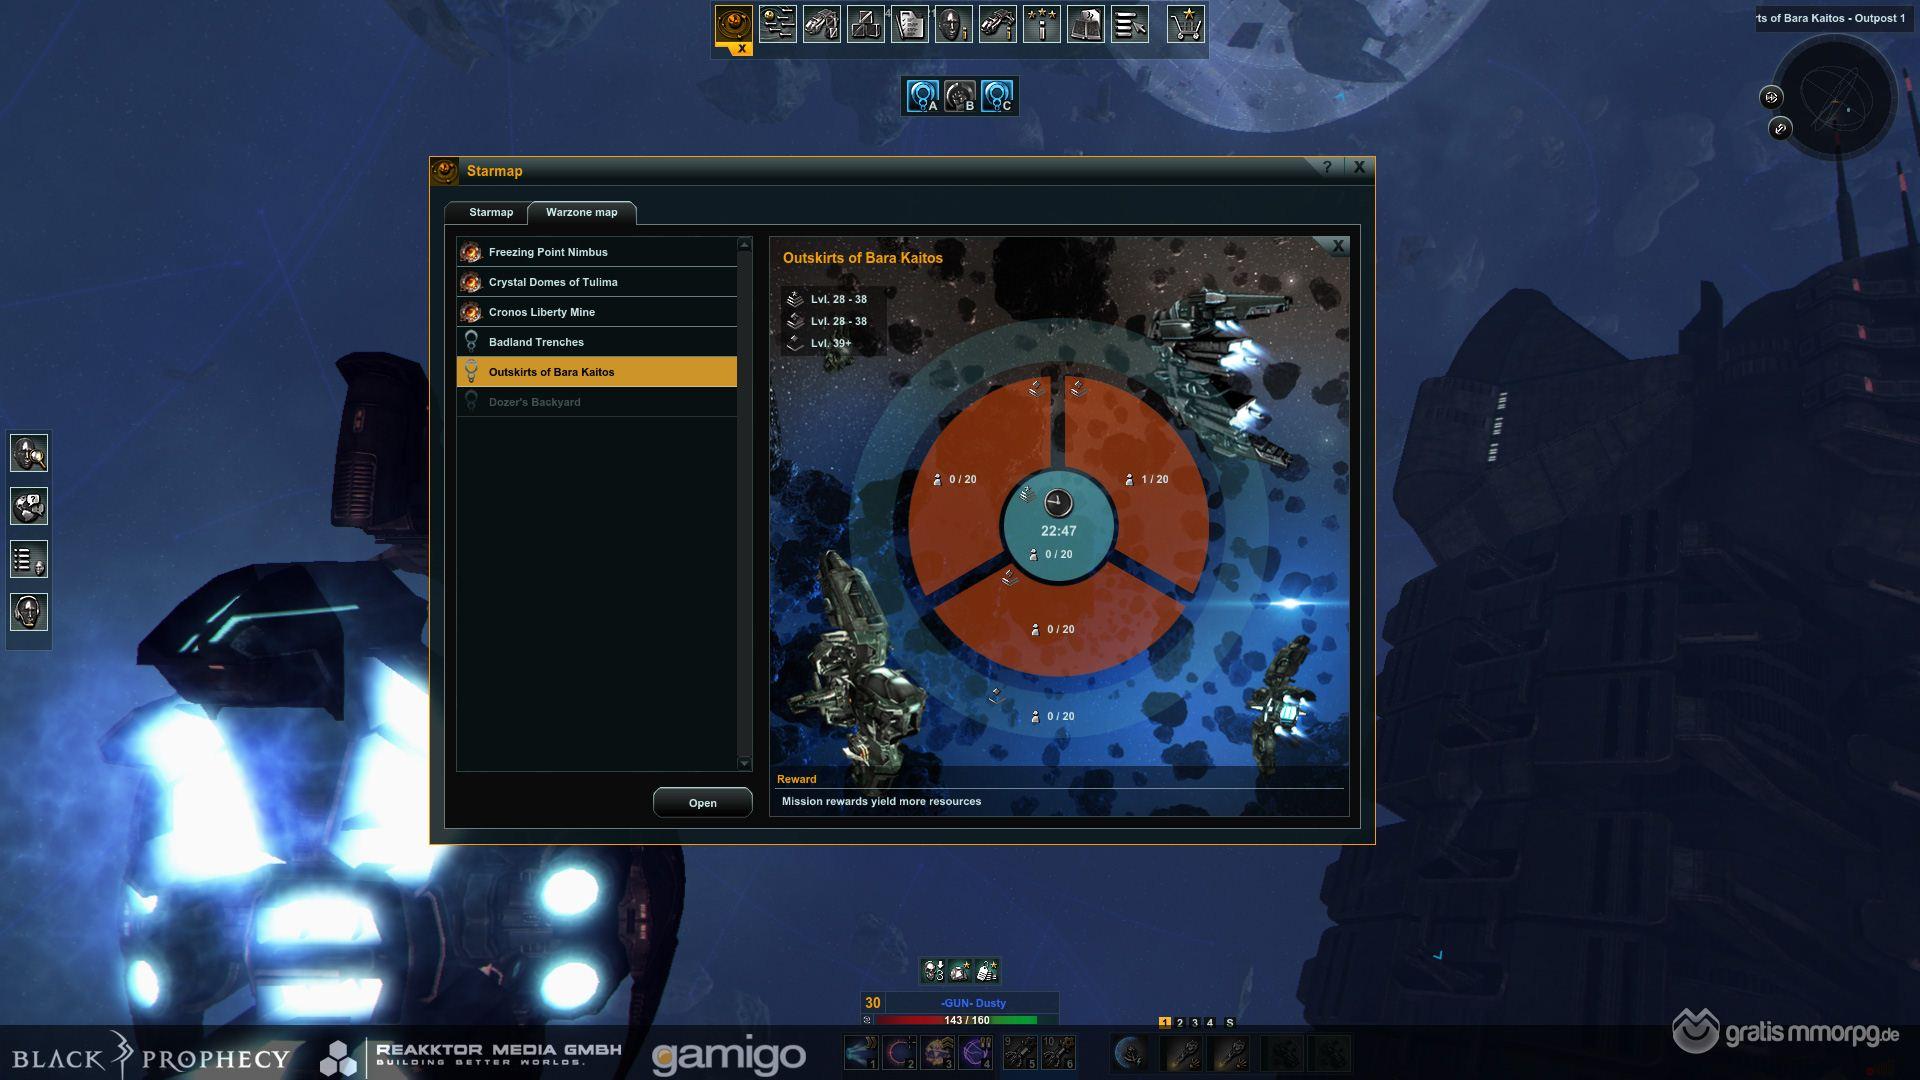 Klicke auf die Grafik für eine größere AnsichtName:BP_Episode 2_Species War_2.jpgHits:111Größe:202,2 KBID:4352